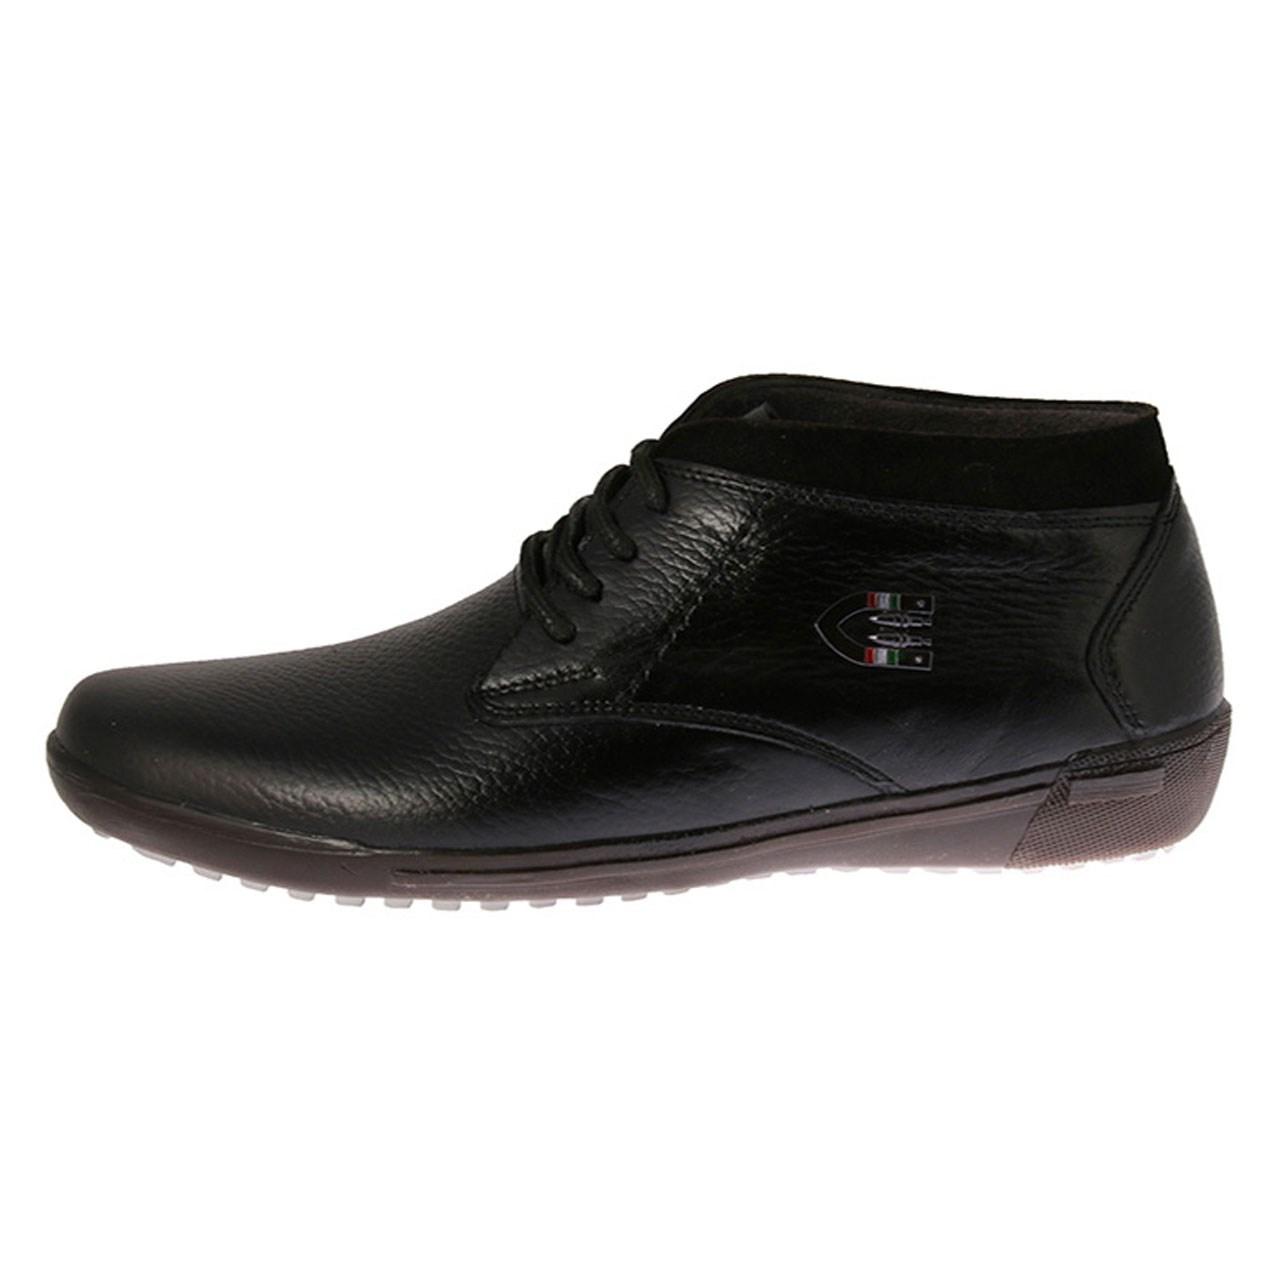 کفش بندی کژوال چرم مصنوعی مردانه کد 280000902